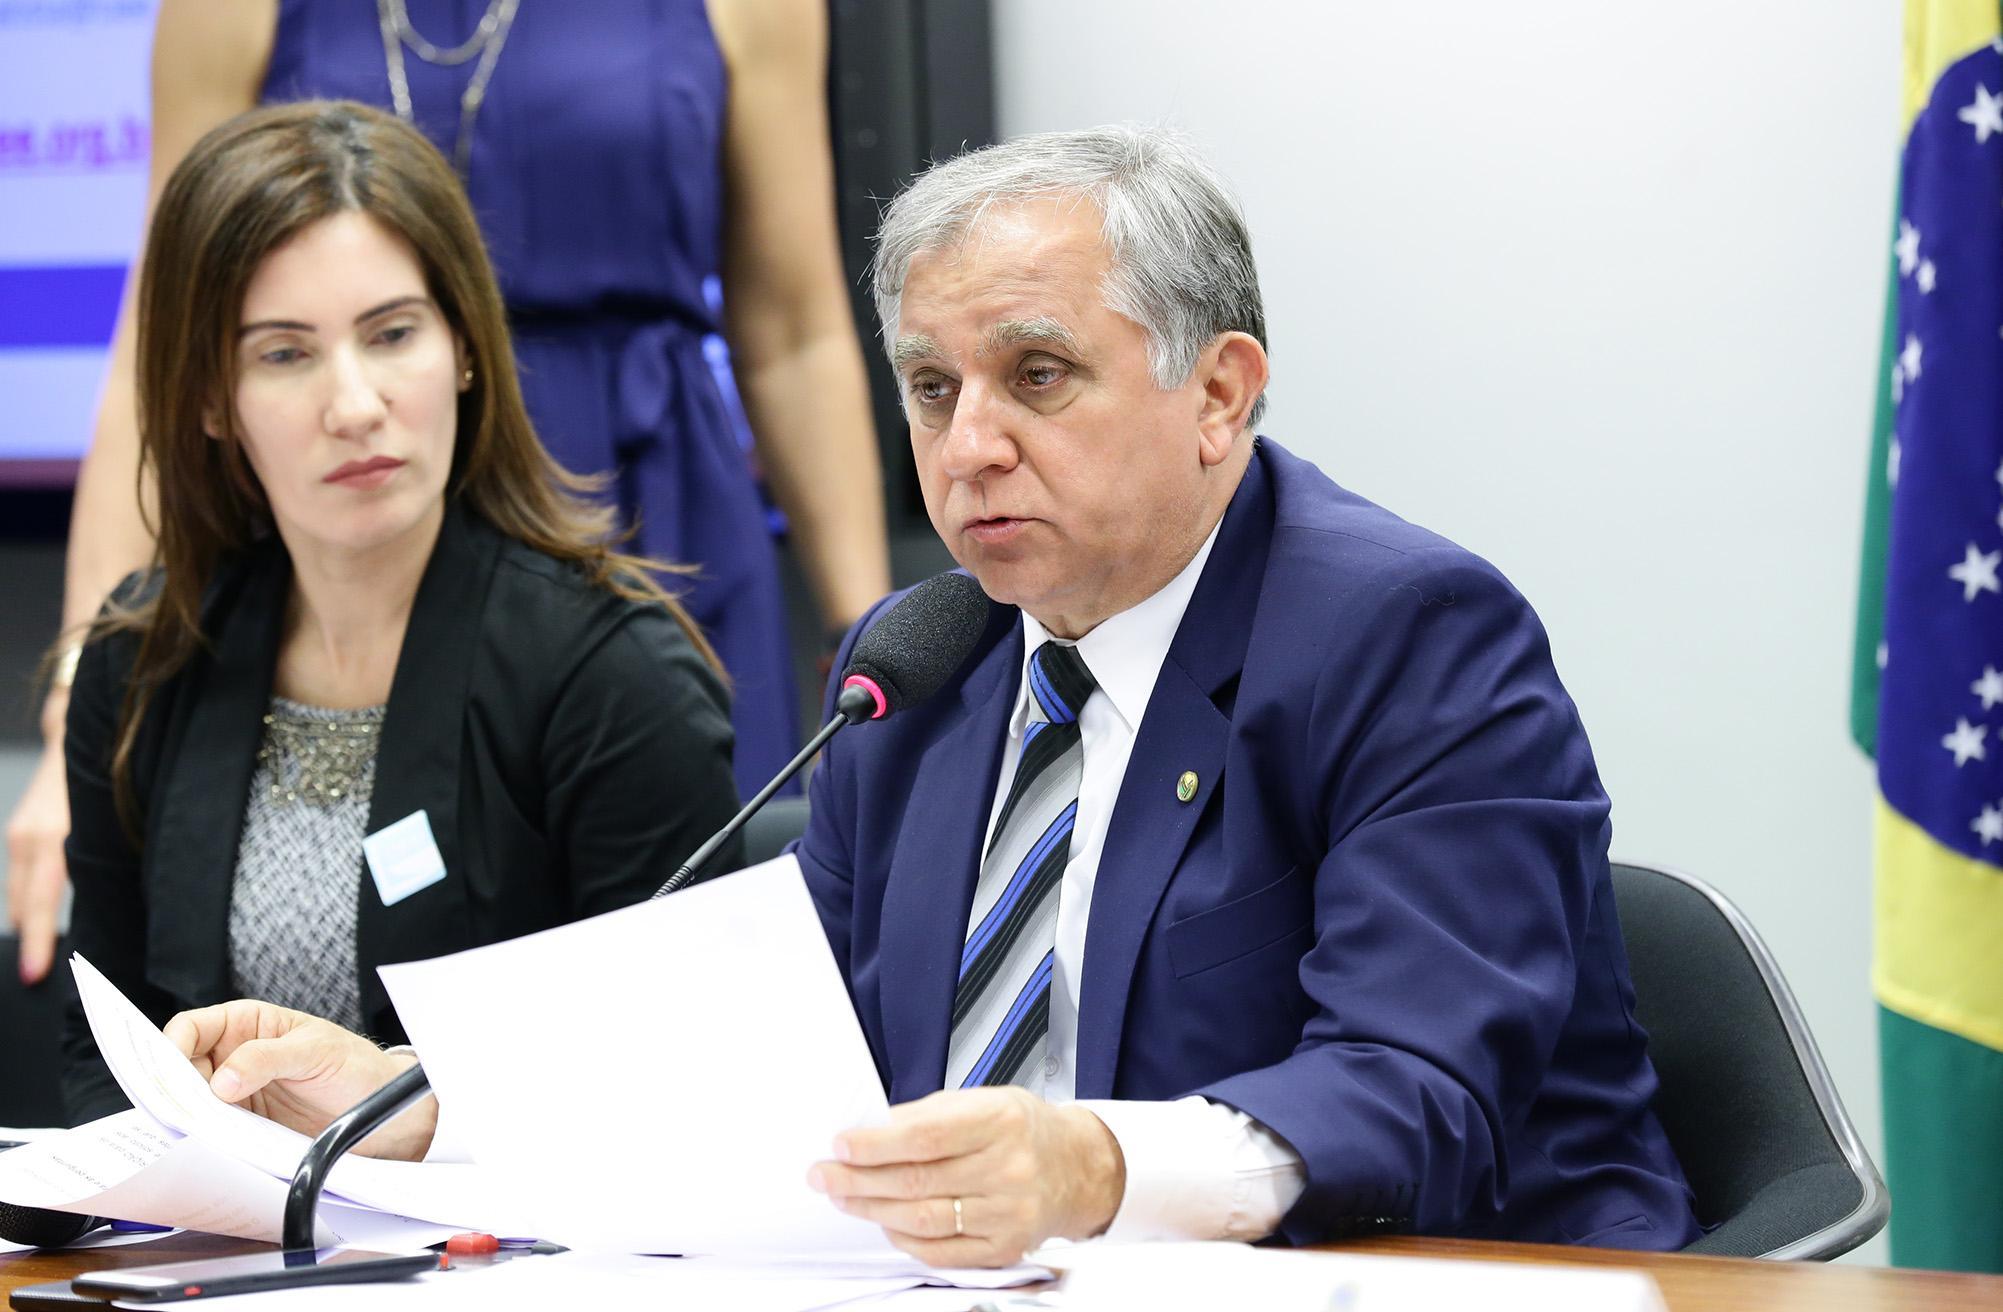 Audiência Pública sobre a Lei de Aprendizagem, sua atualização e o novo Ensino Médio. Dep. Izalci Lucas (PSDB - DF)